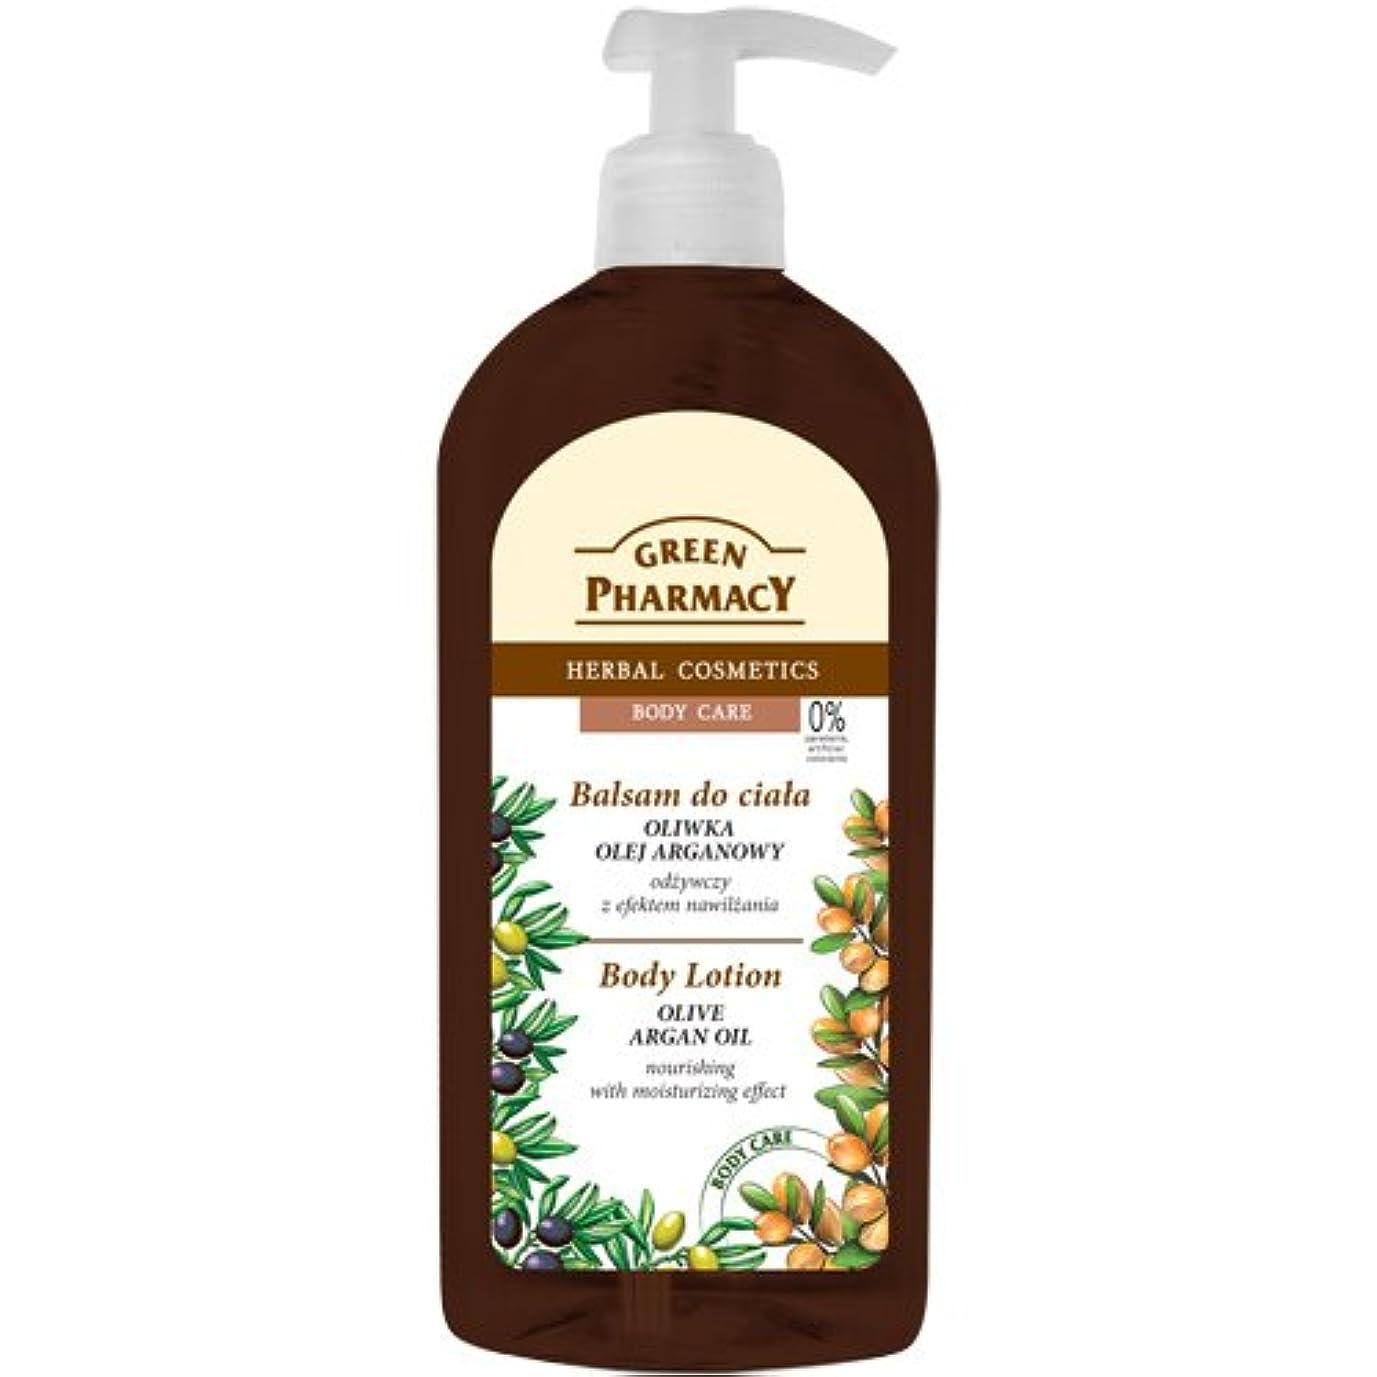 移植センチメンタルケーキElfa Pharm Green Pharmacy グリーンファーマシー Body Lotion ボディローション Olive Argan Oil